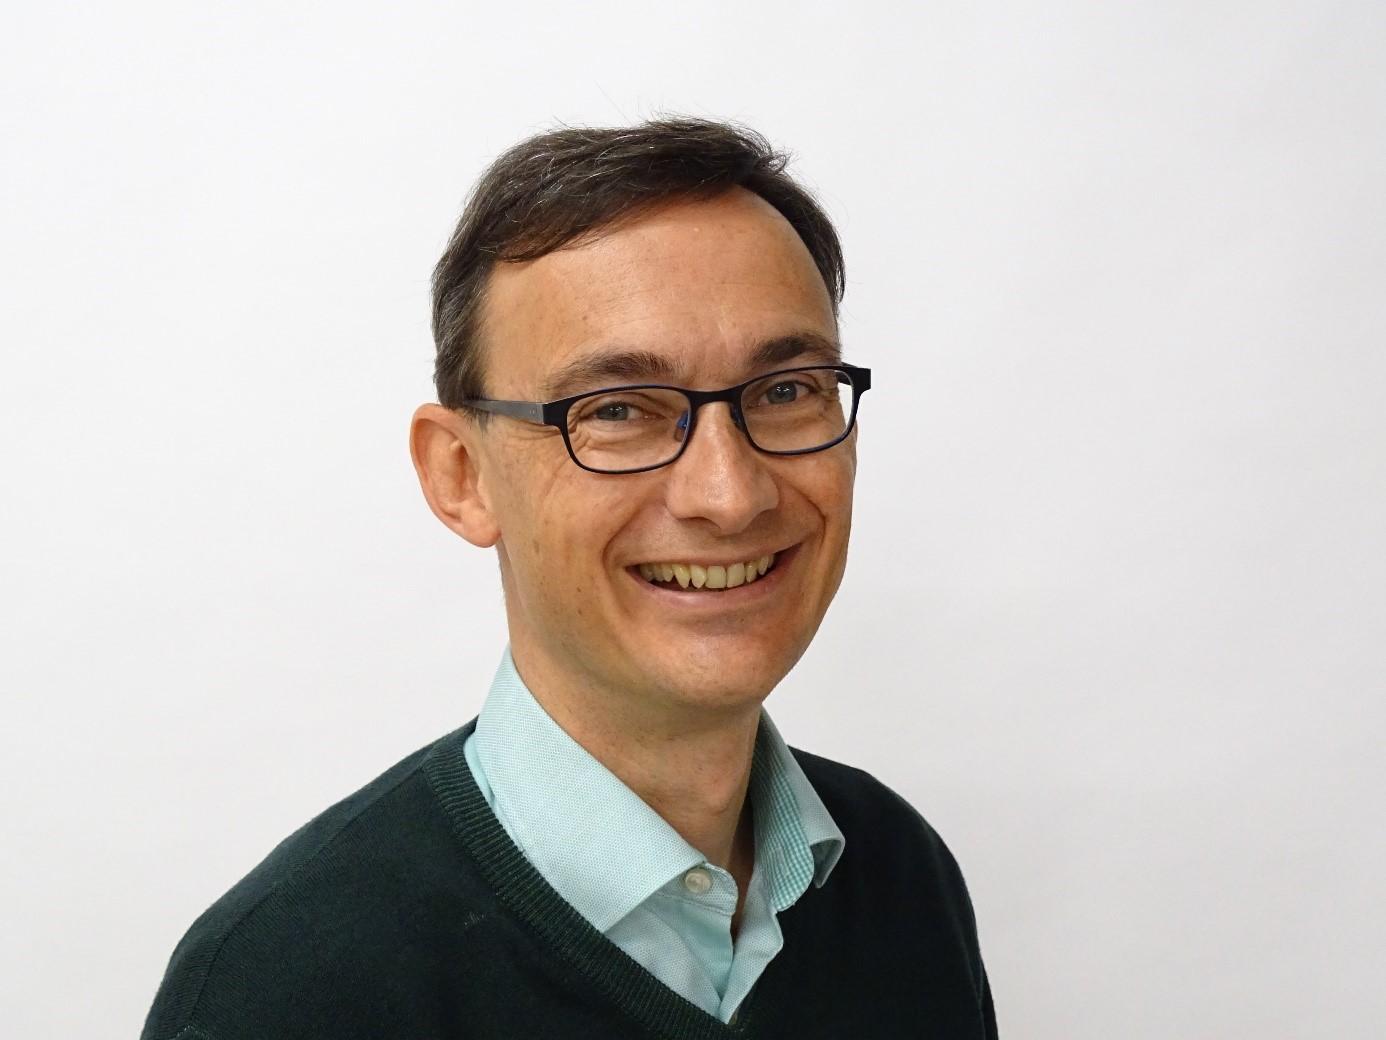 Profielfoto van Bas Assmann